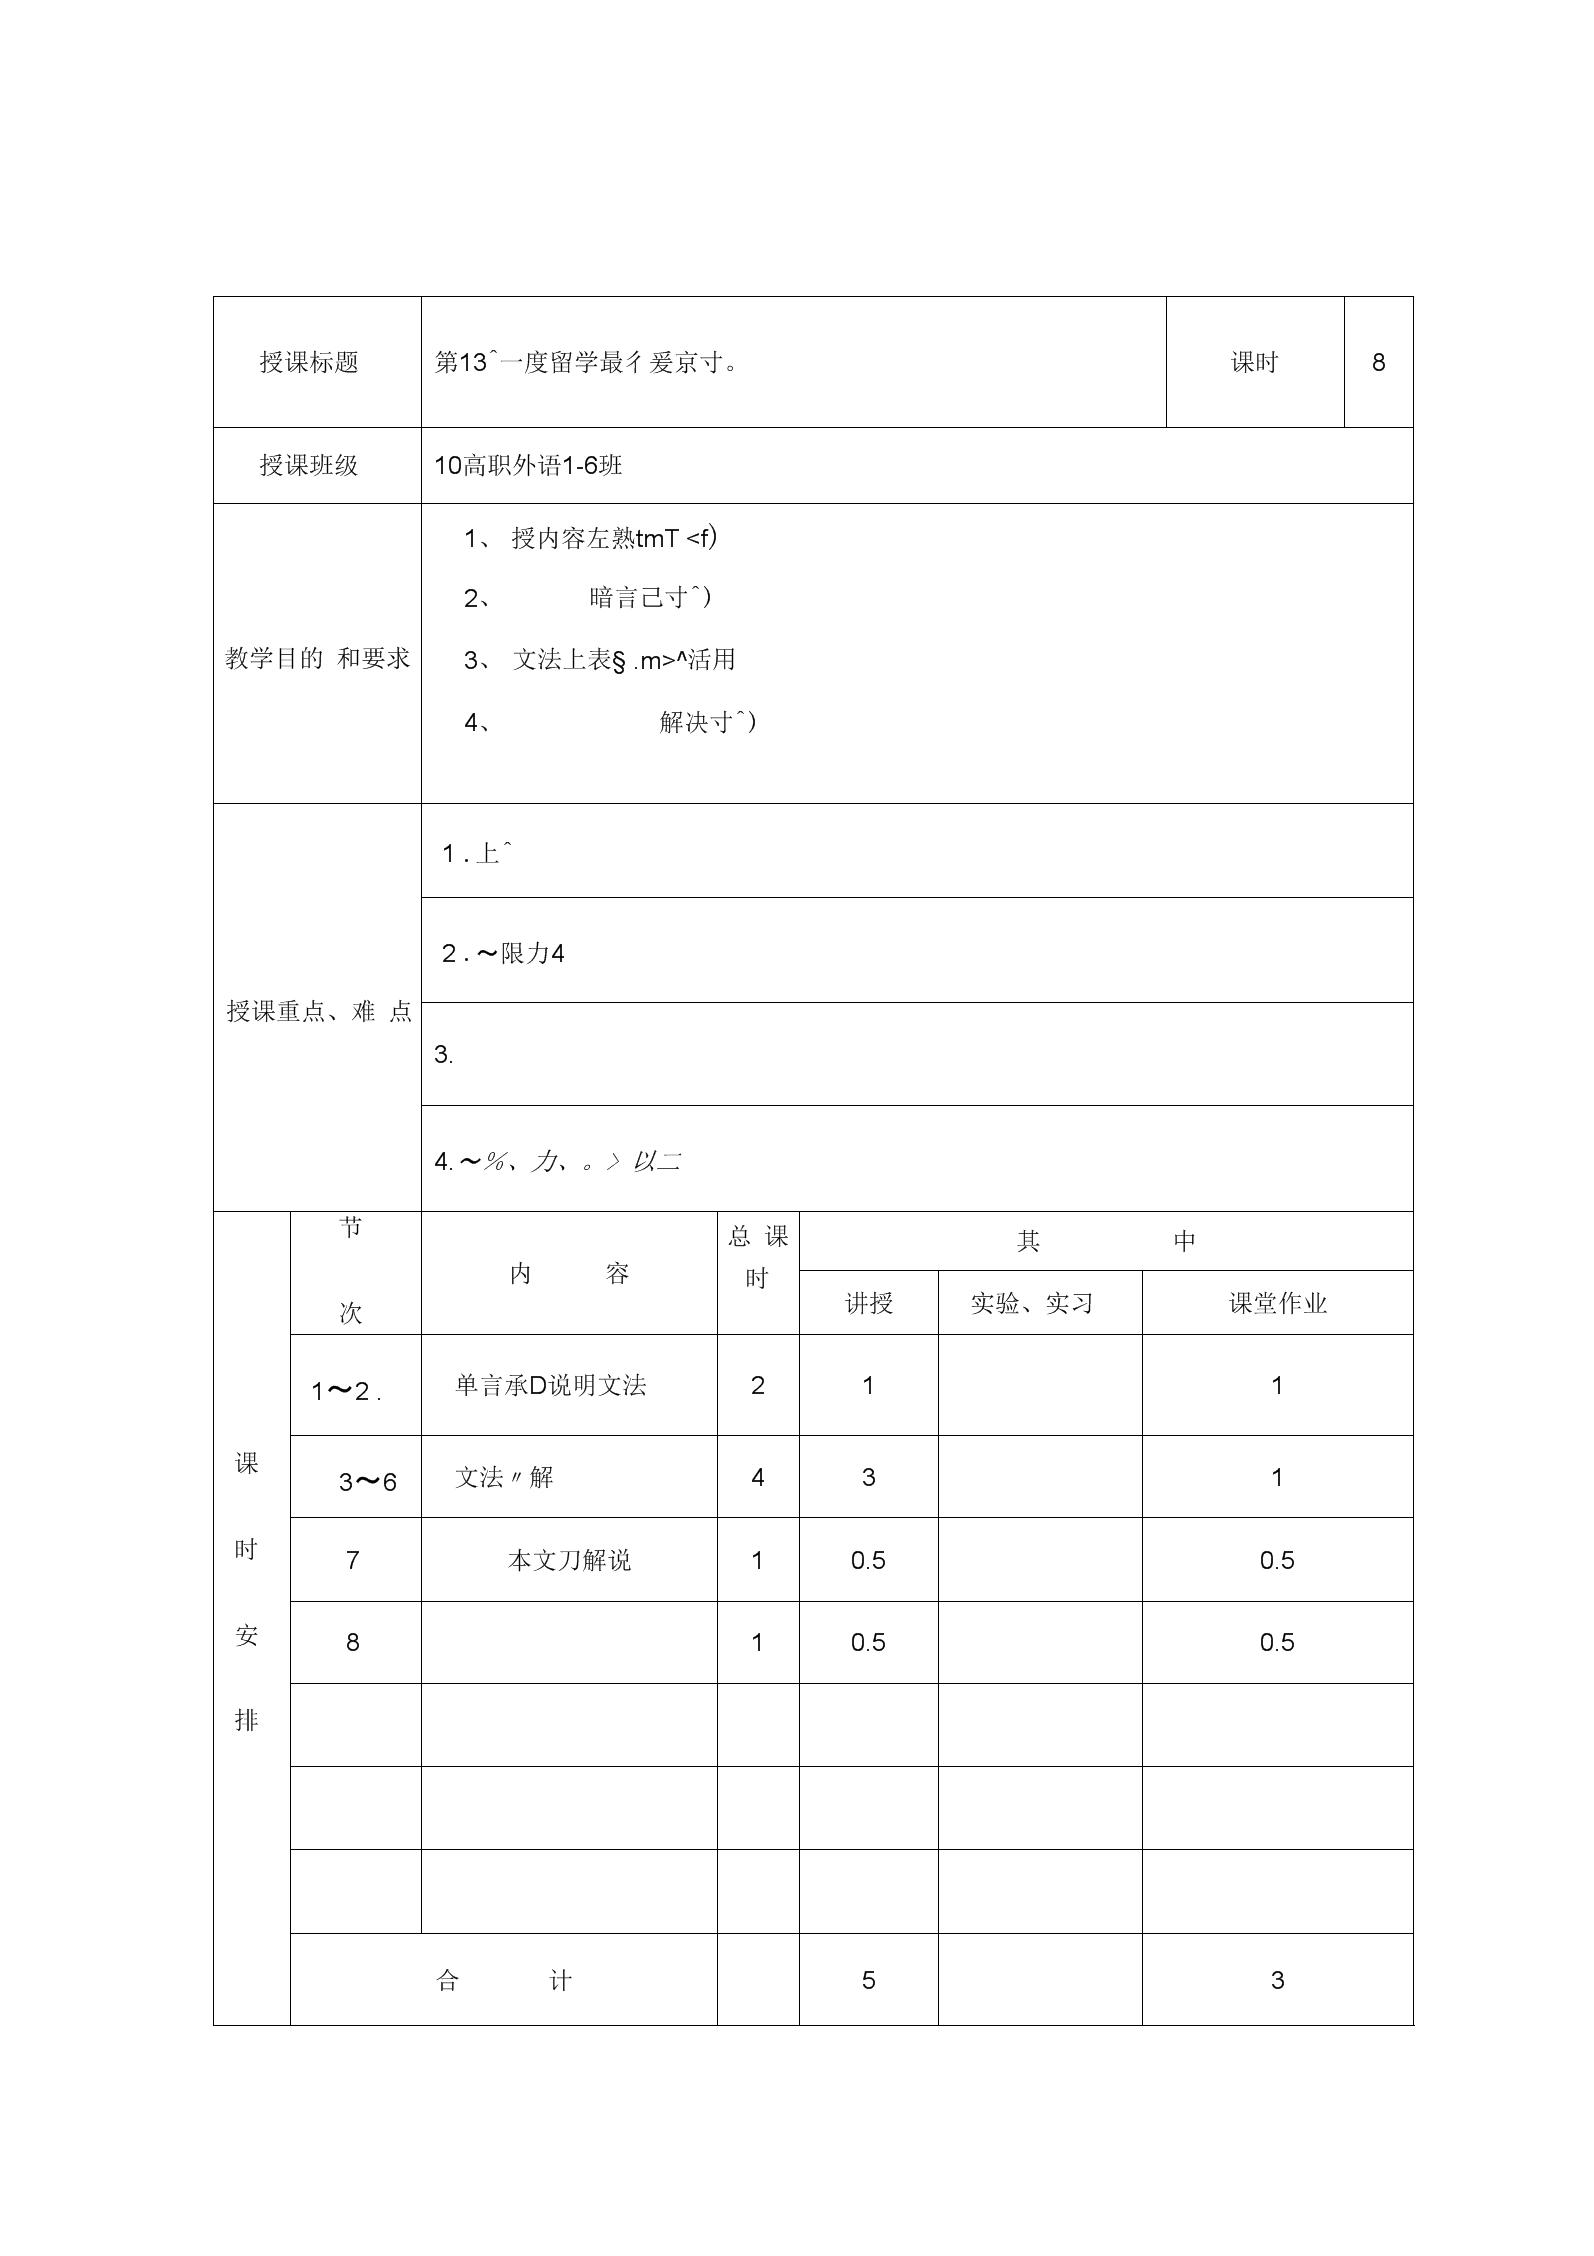 新編日語教程第三冊十三課教案.docx